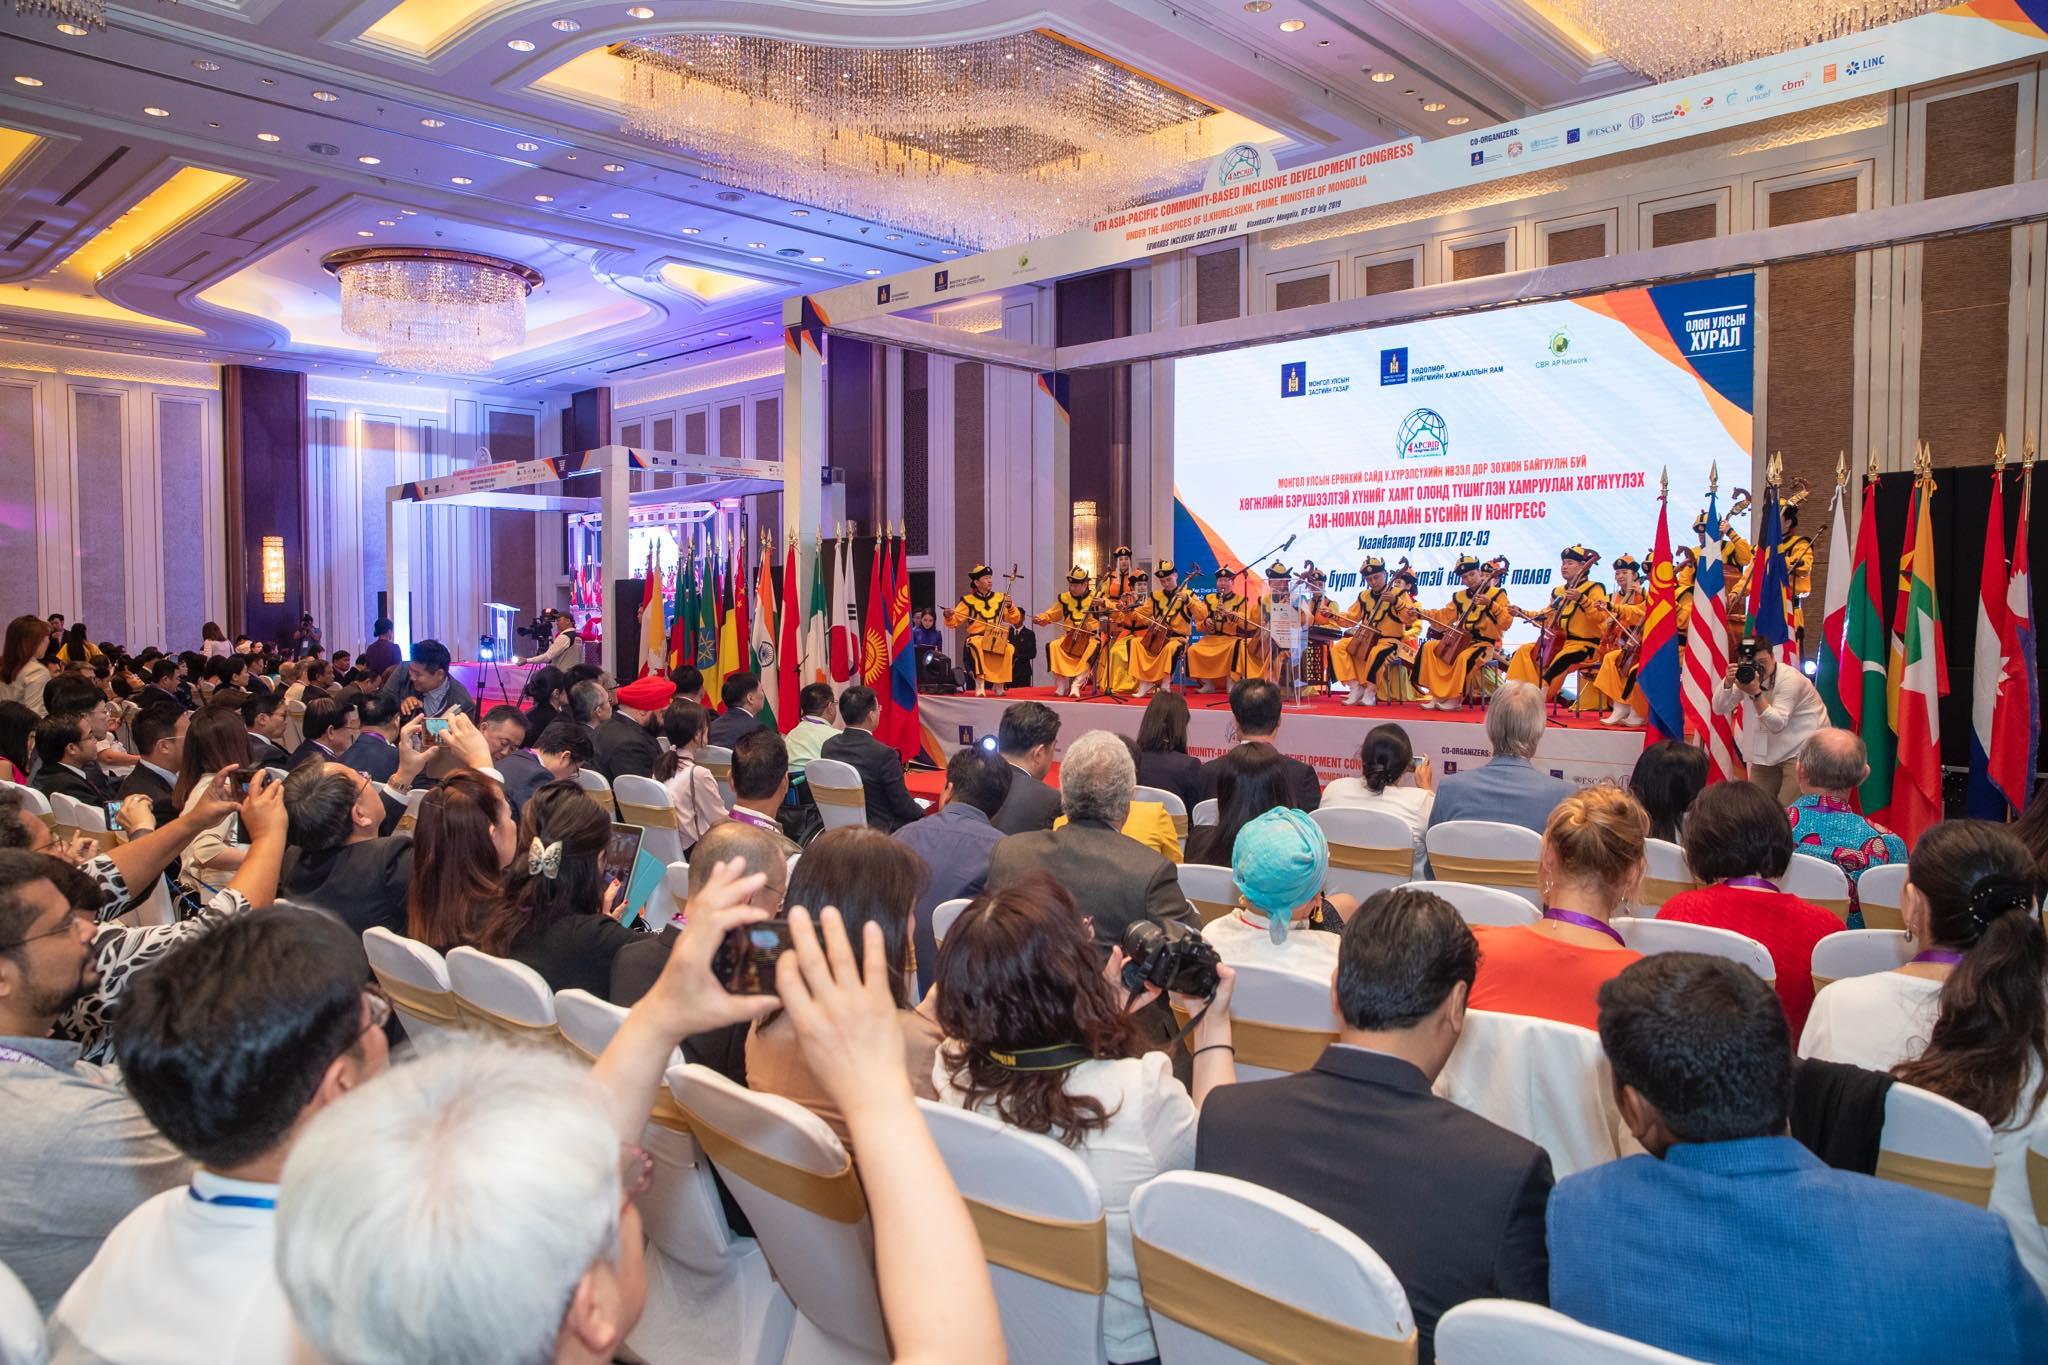 Ази Номхон далайн бүсийн 43 орныг төлөөлсөн зочид Монгол улсад чуулж байна